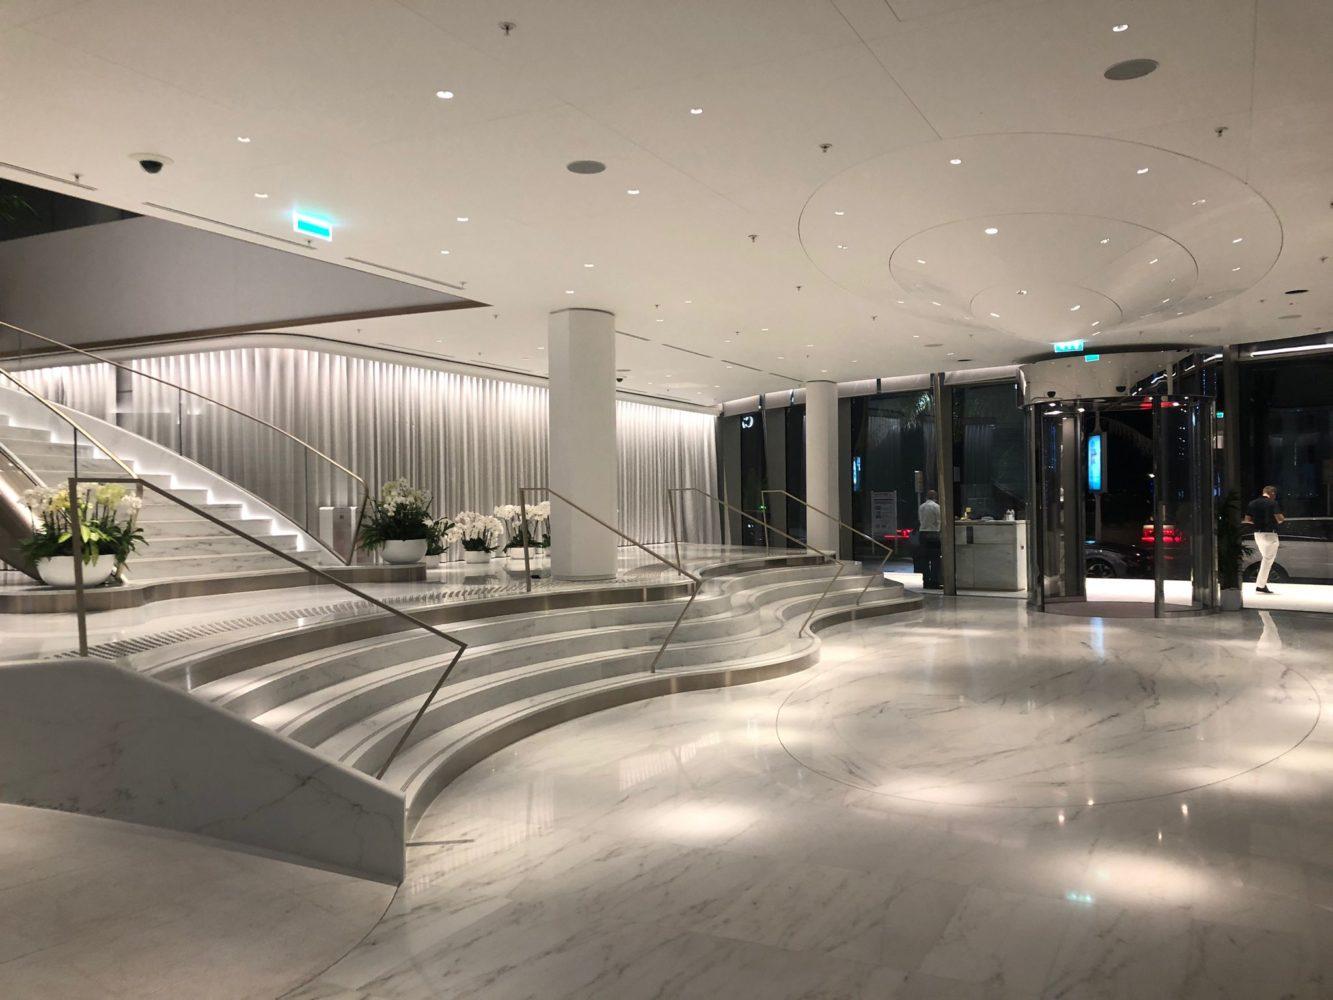 Hôtel JW Marriott (Hôtel 5*) à Cannes